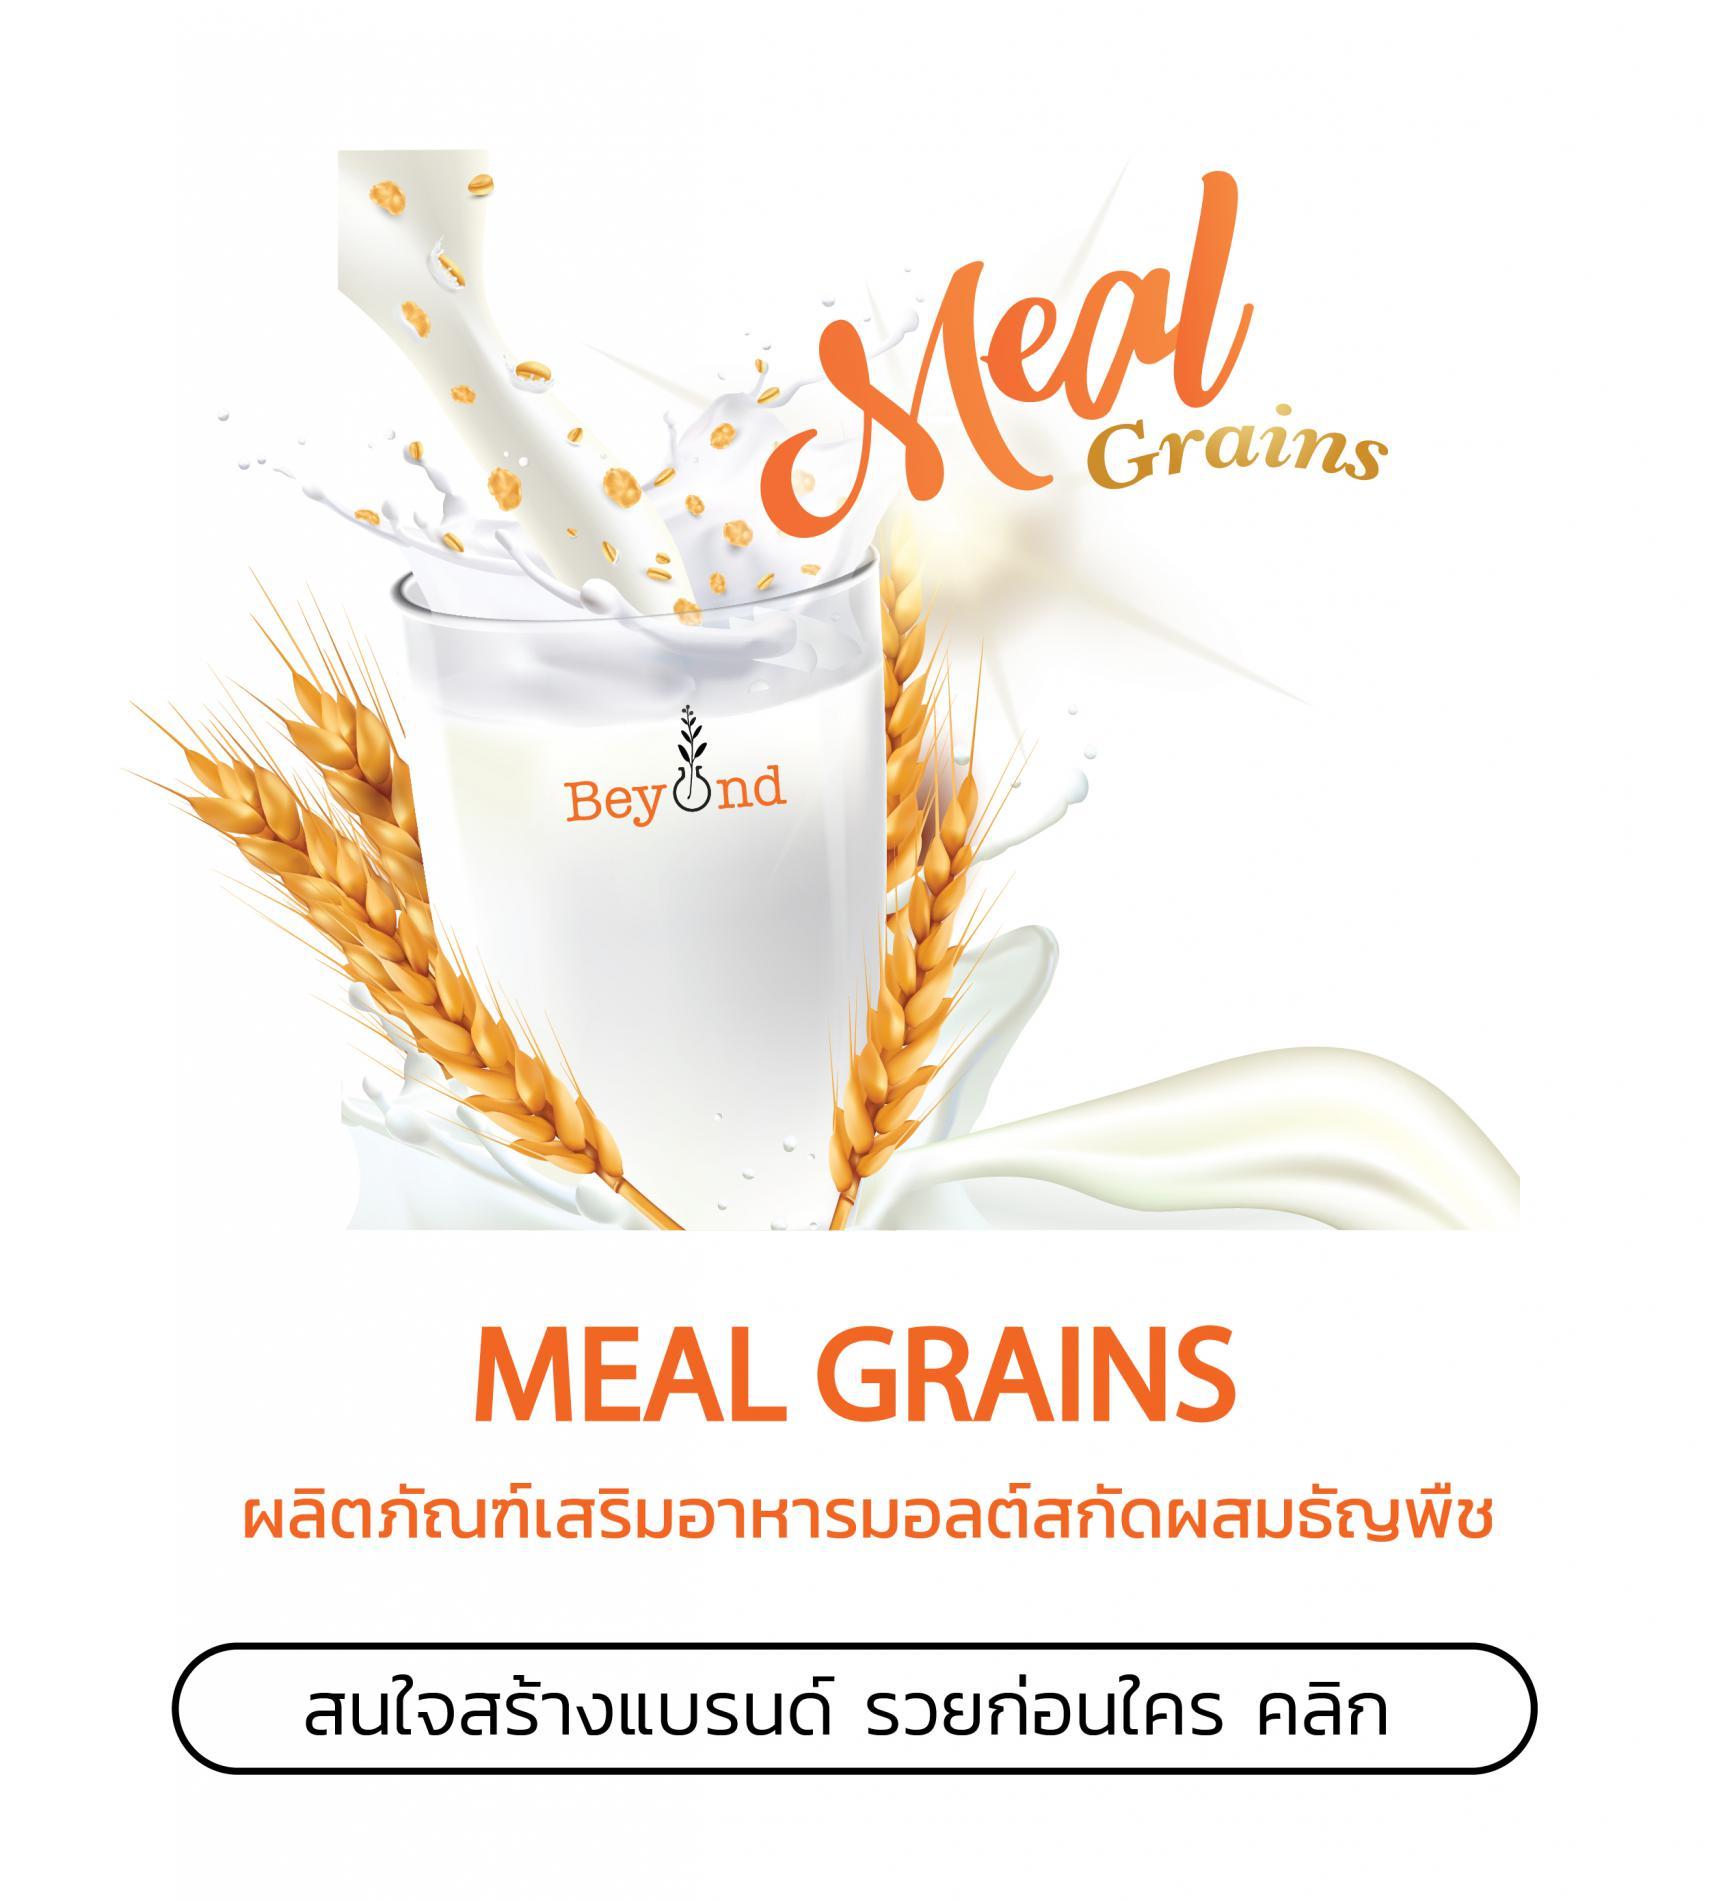 สร้างแบรนด์อาหารเสริม Meal Grains รวยก่อนใคร